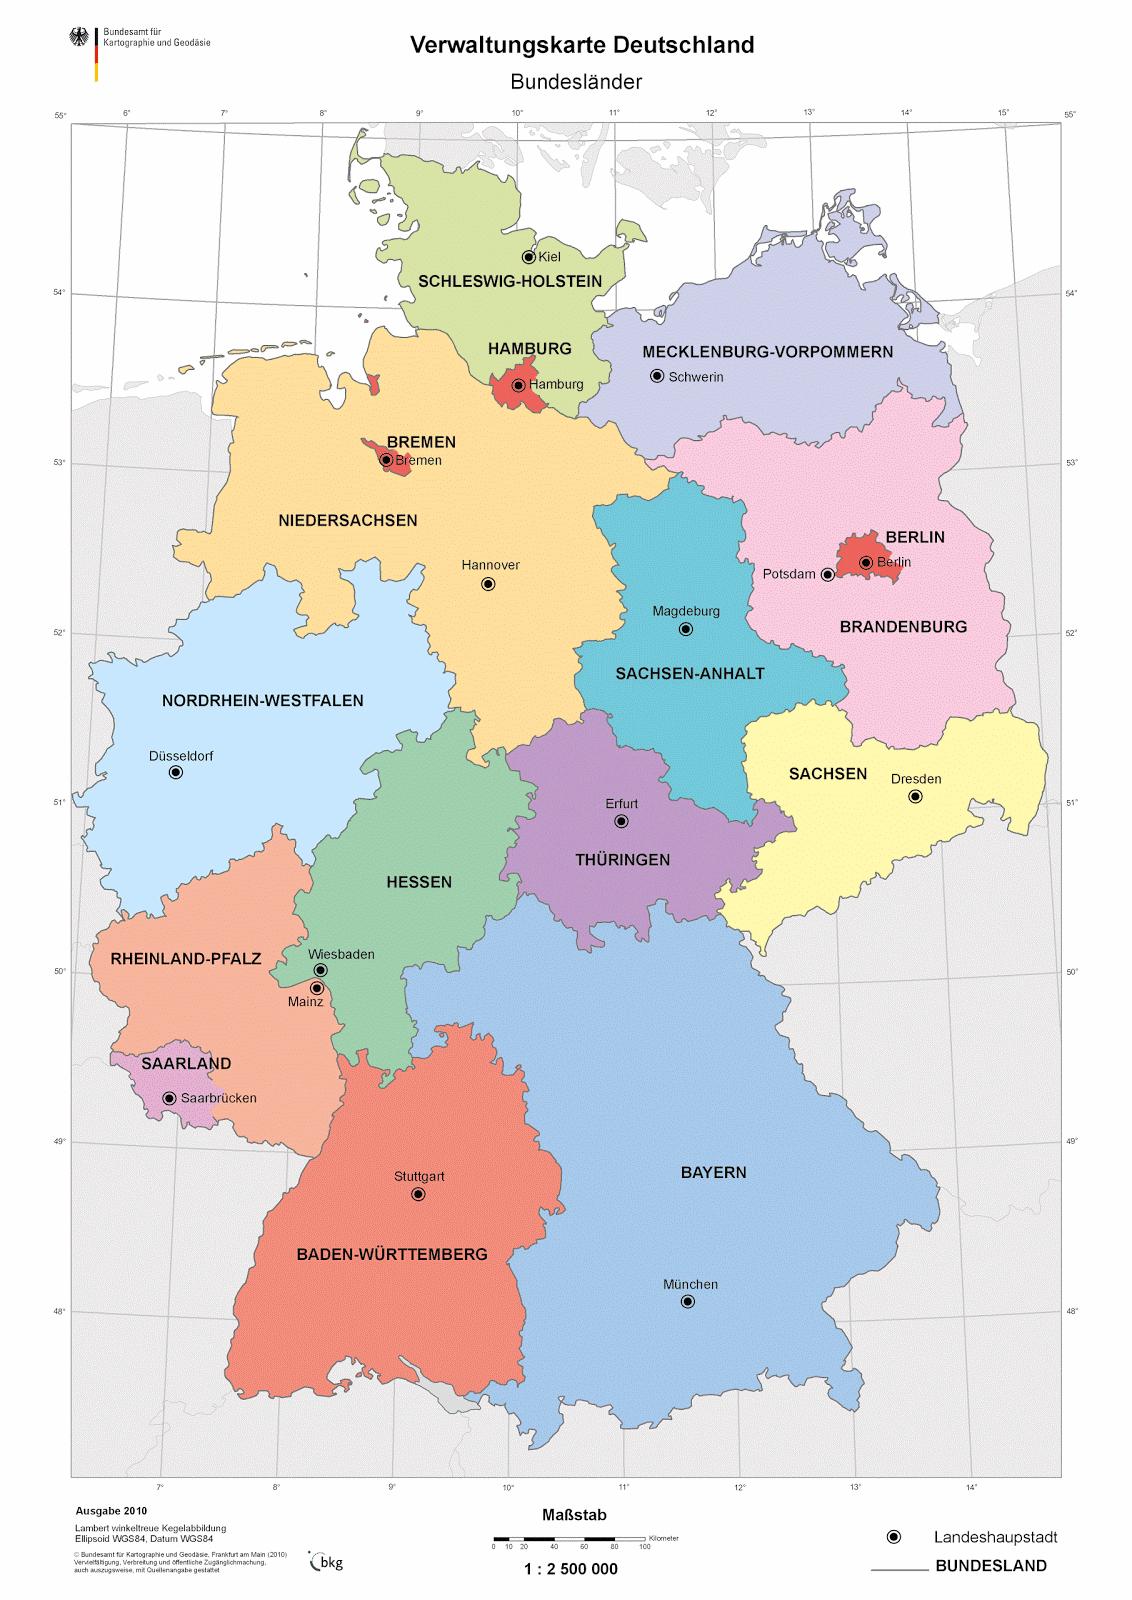 Landkartenblog: Online: Verwaltungskarte Deutschland Der innen Deutschlandkarte Mit Bundesländern Und Städten